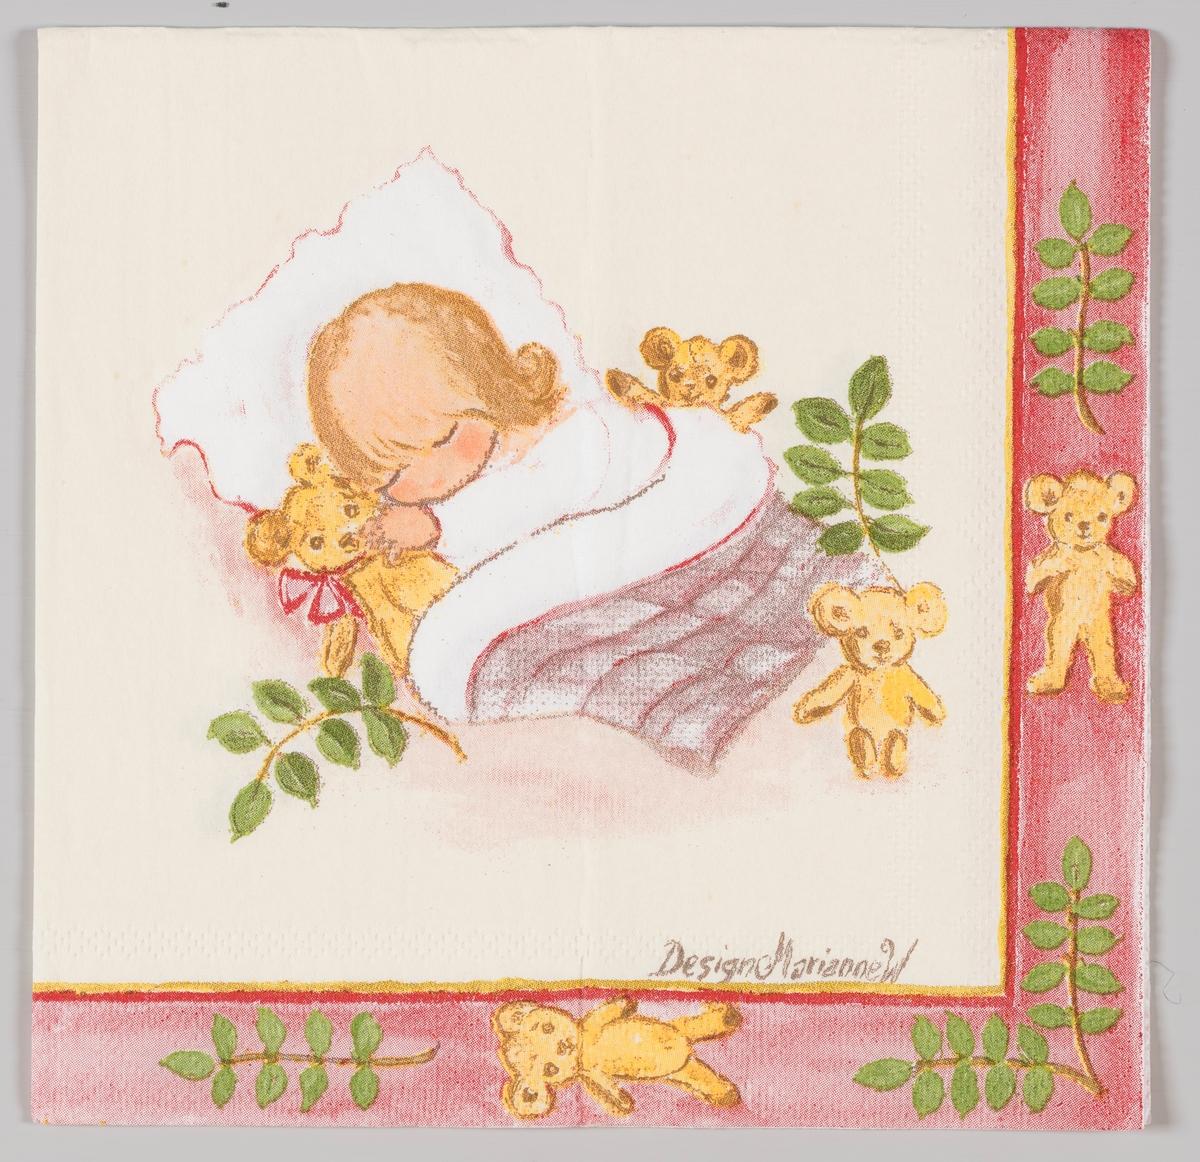 En jente sover sammen med teddybjørner.